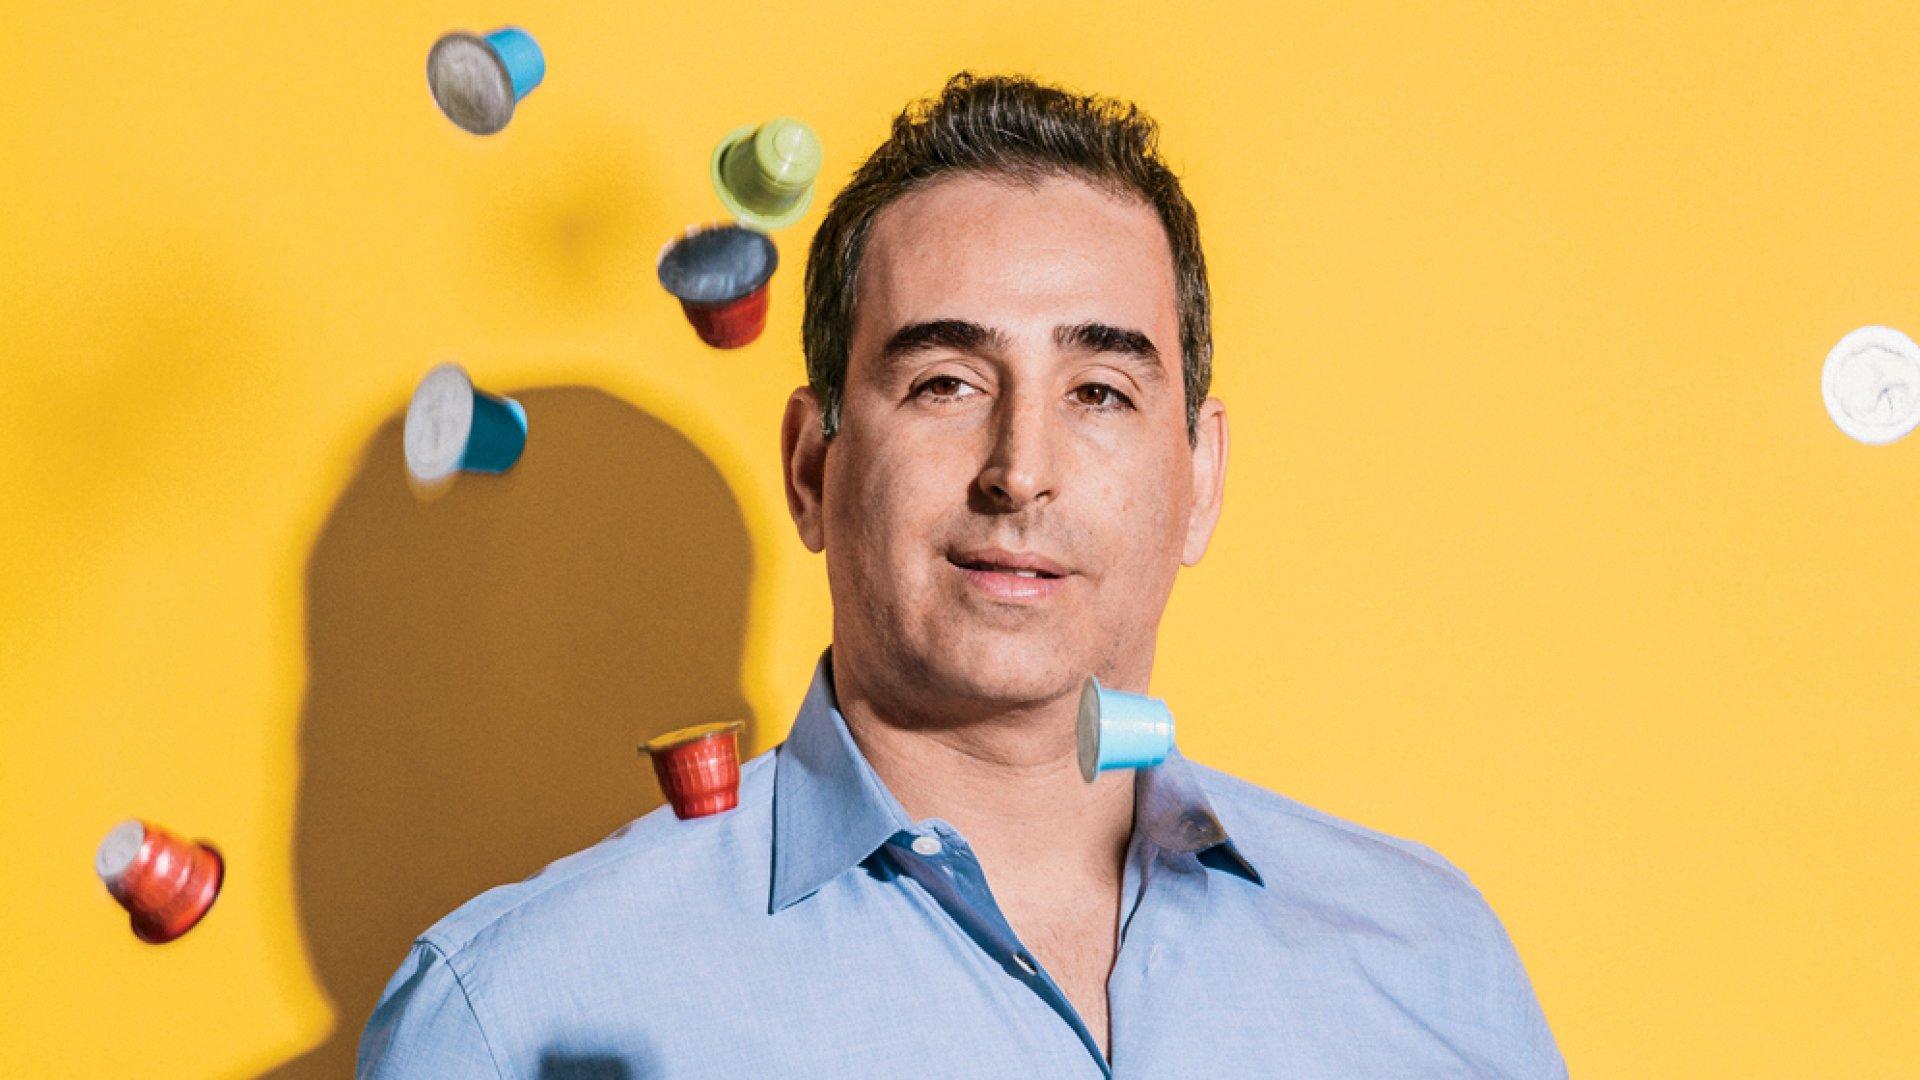 Single Serve Beverage Distribution founder Shlomo Birnbaum.